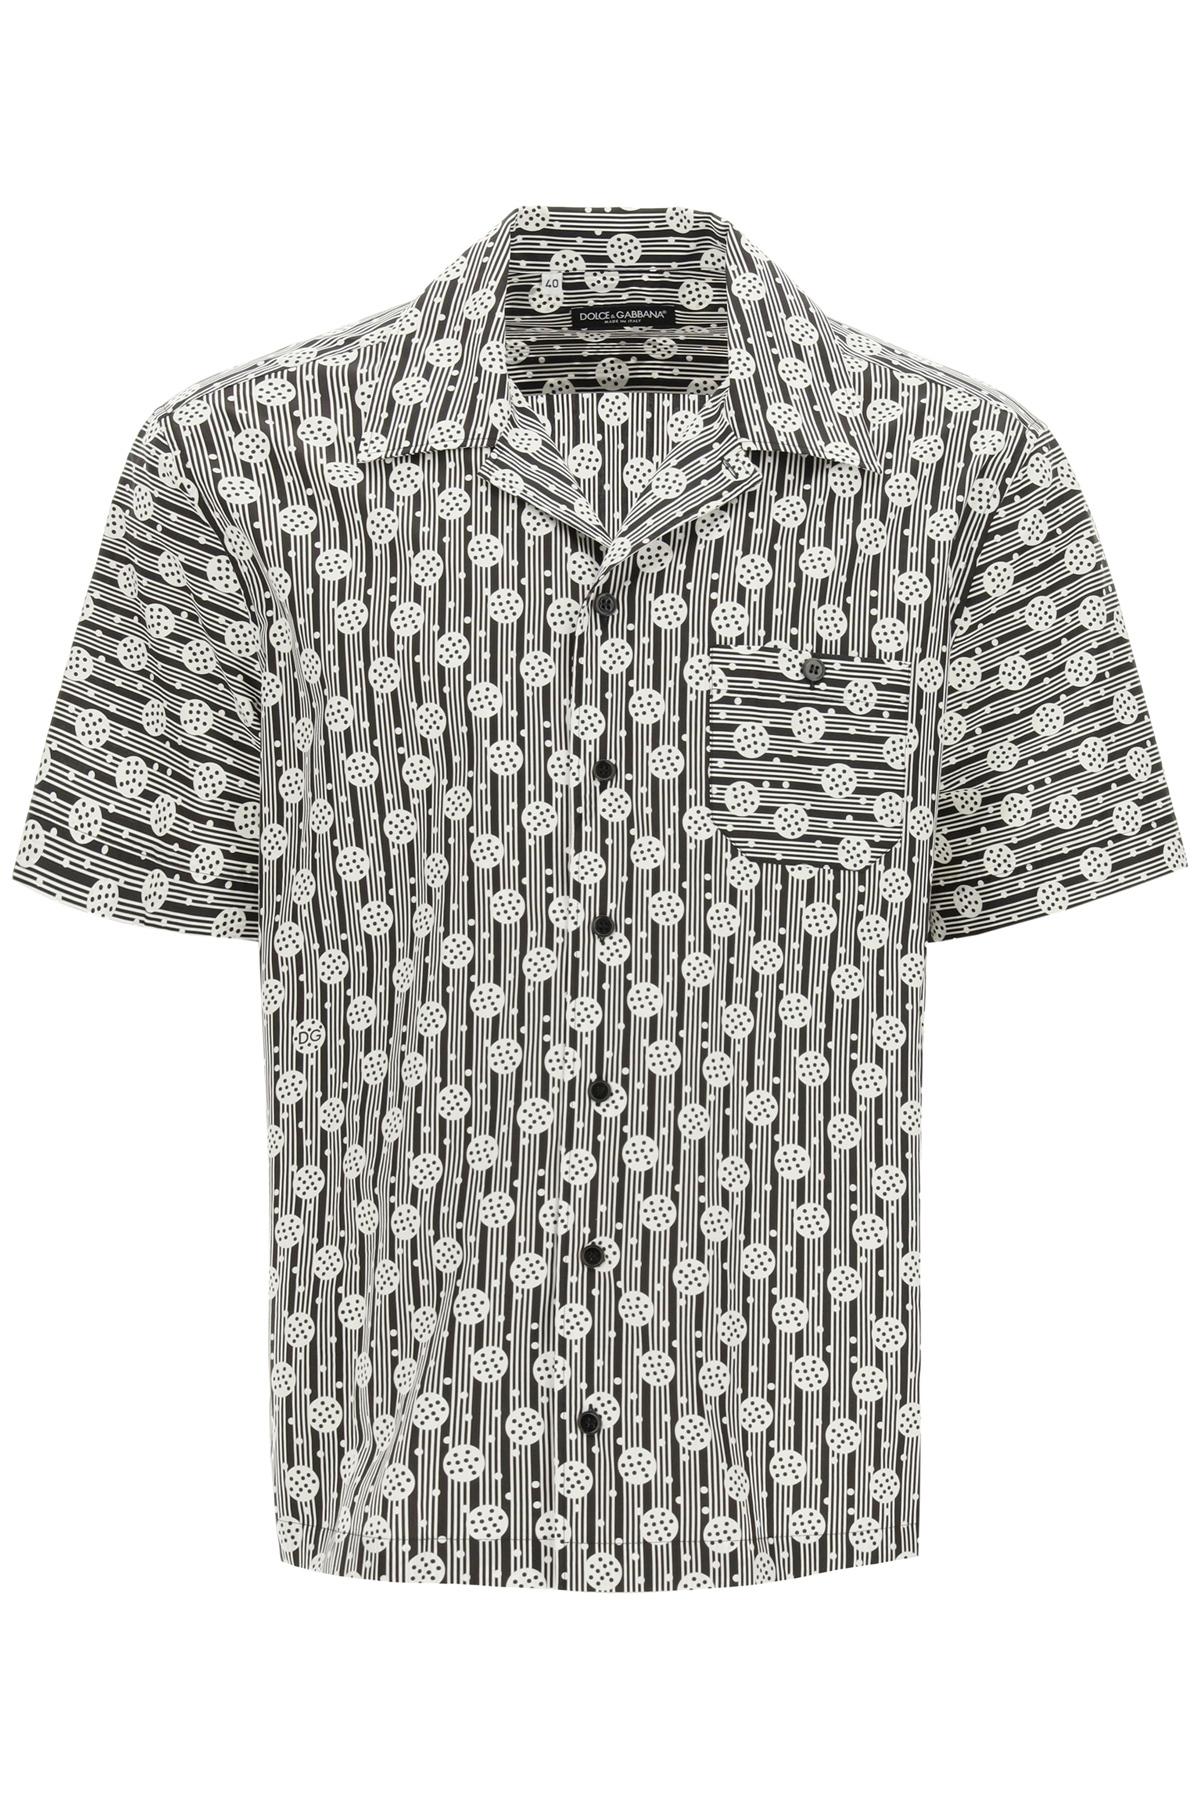 Dolce & gabbana camicia hawaii con stampa